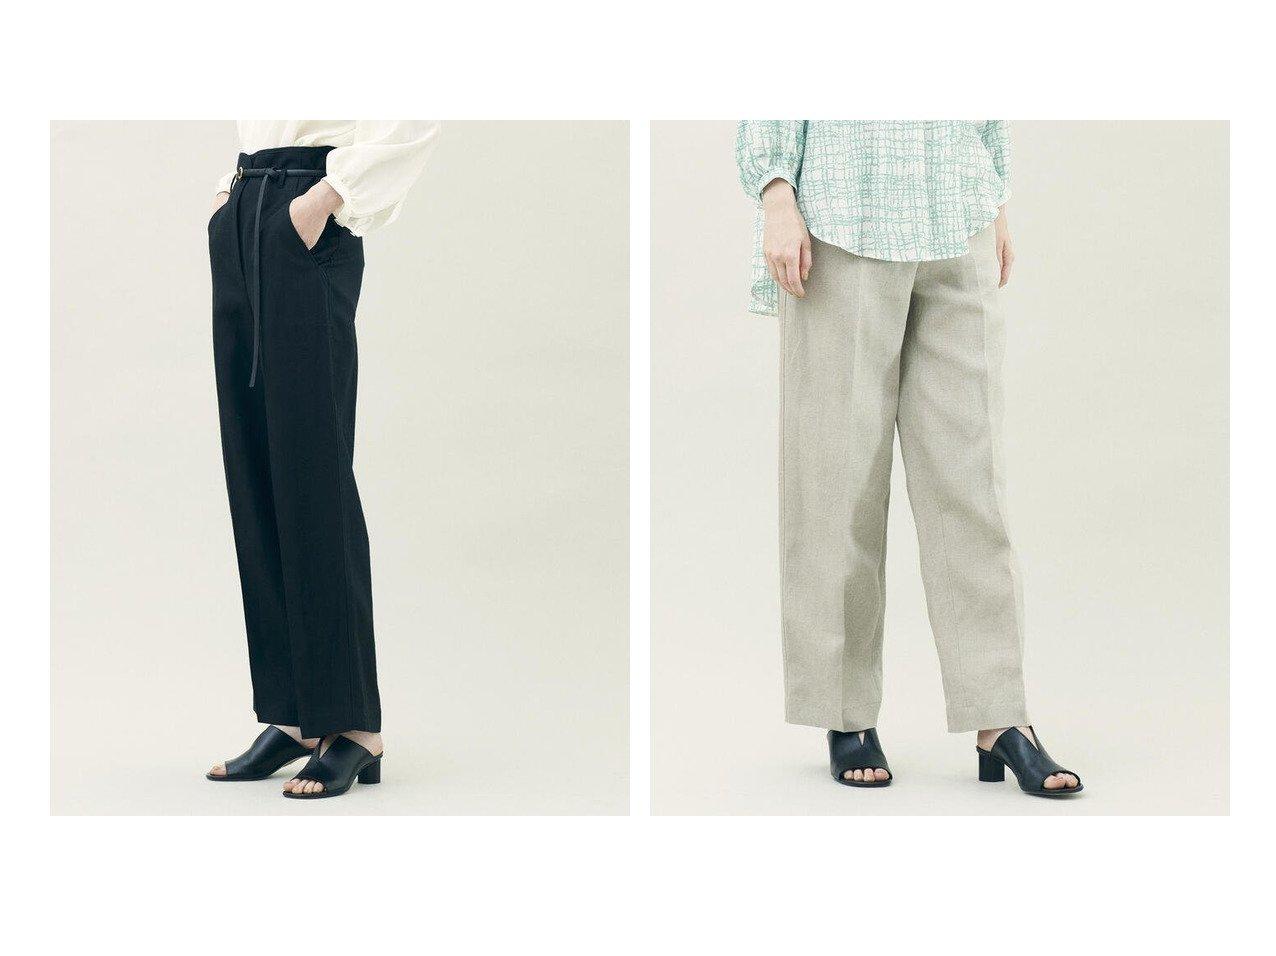 【DES PRES / TOMORROWLAND/デプレ】のプレーンリネン ハイウエストセミワイドパンツ 【パンツ】おすすめ!人気、トレンド・レディースファッションの通販   おすすめで人気の流行・トレンド、ファッションの通販商品 インテリア・家具・メンズファッション・キッズファッション・レディースファッション・服の通販 founy(ファニー) https://founy.com/ ファッション Fashion レディースファッション WOMEN パンツ Pants おすすめ Recommend バランス マニッシュ リネン |ID:crp329100000050443